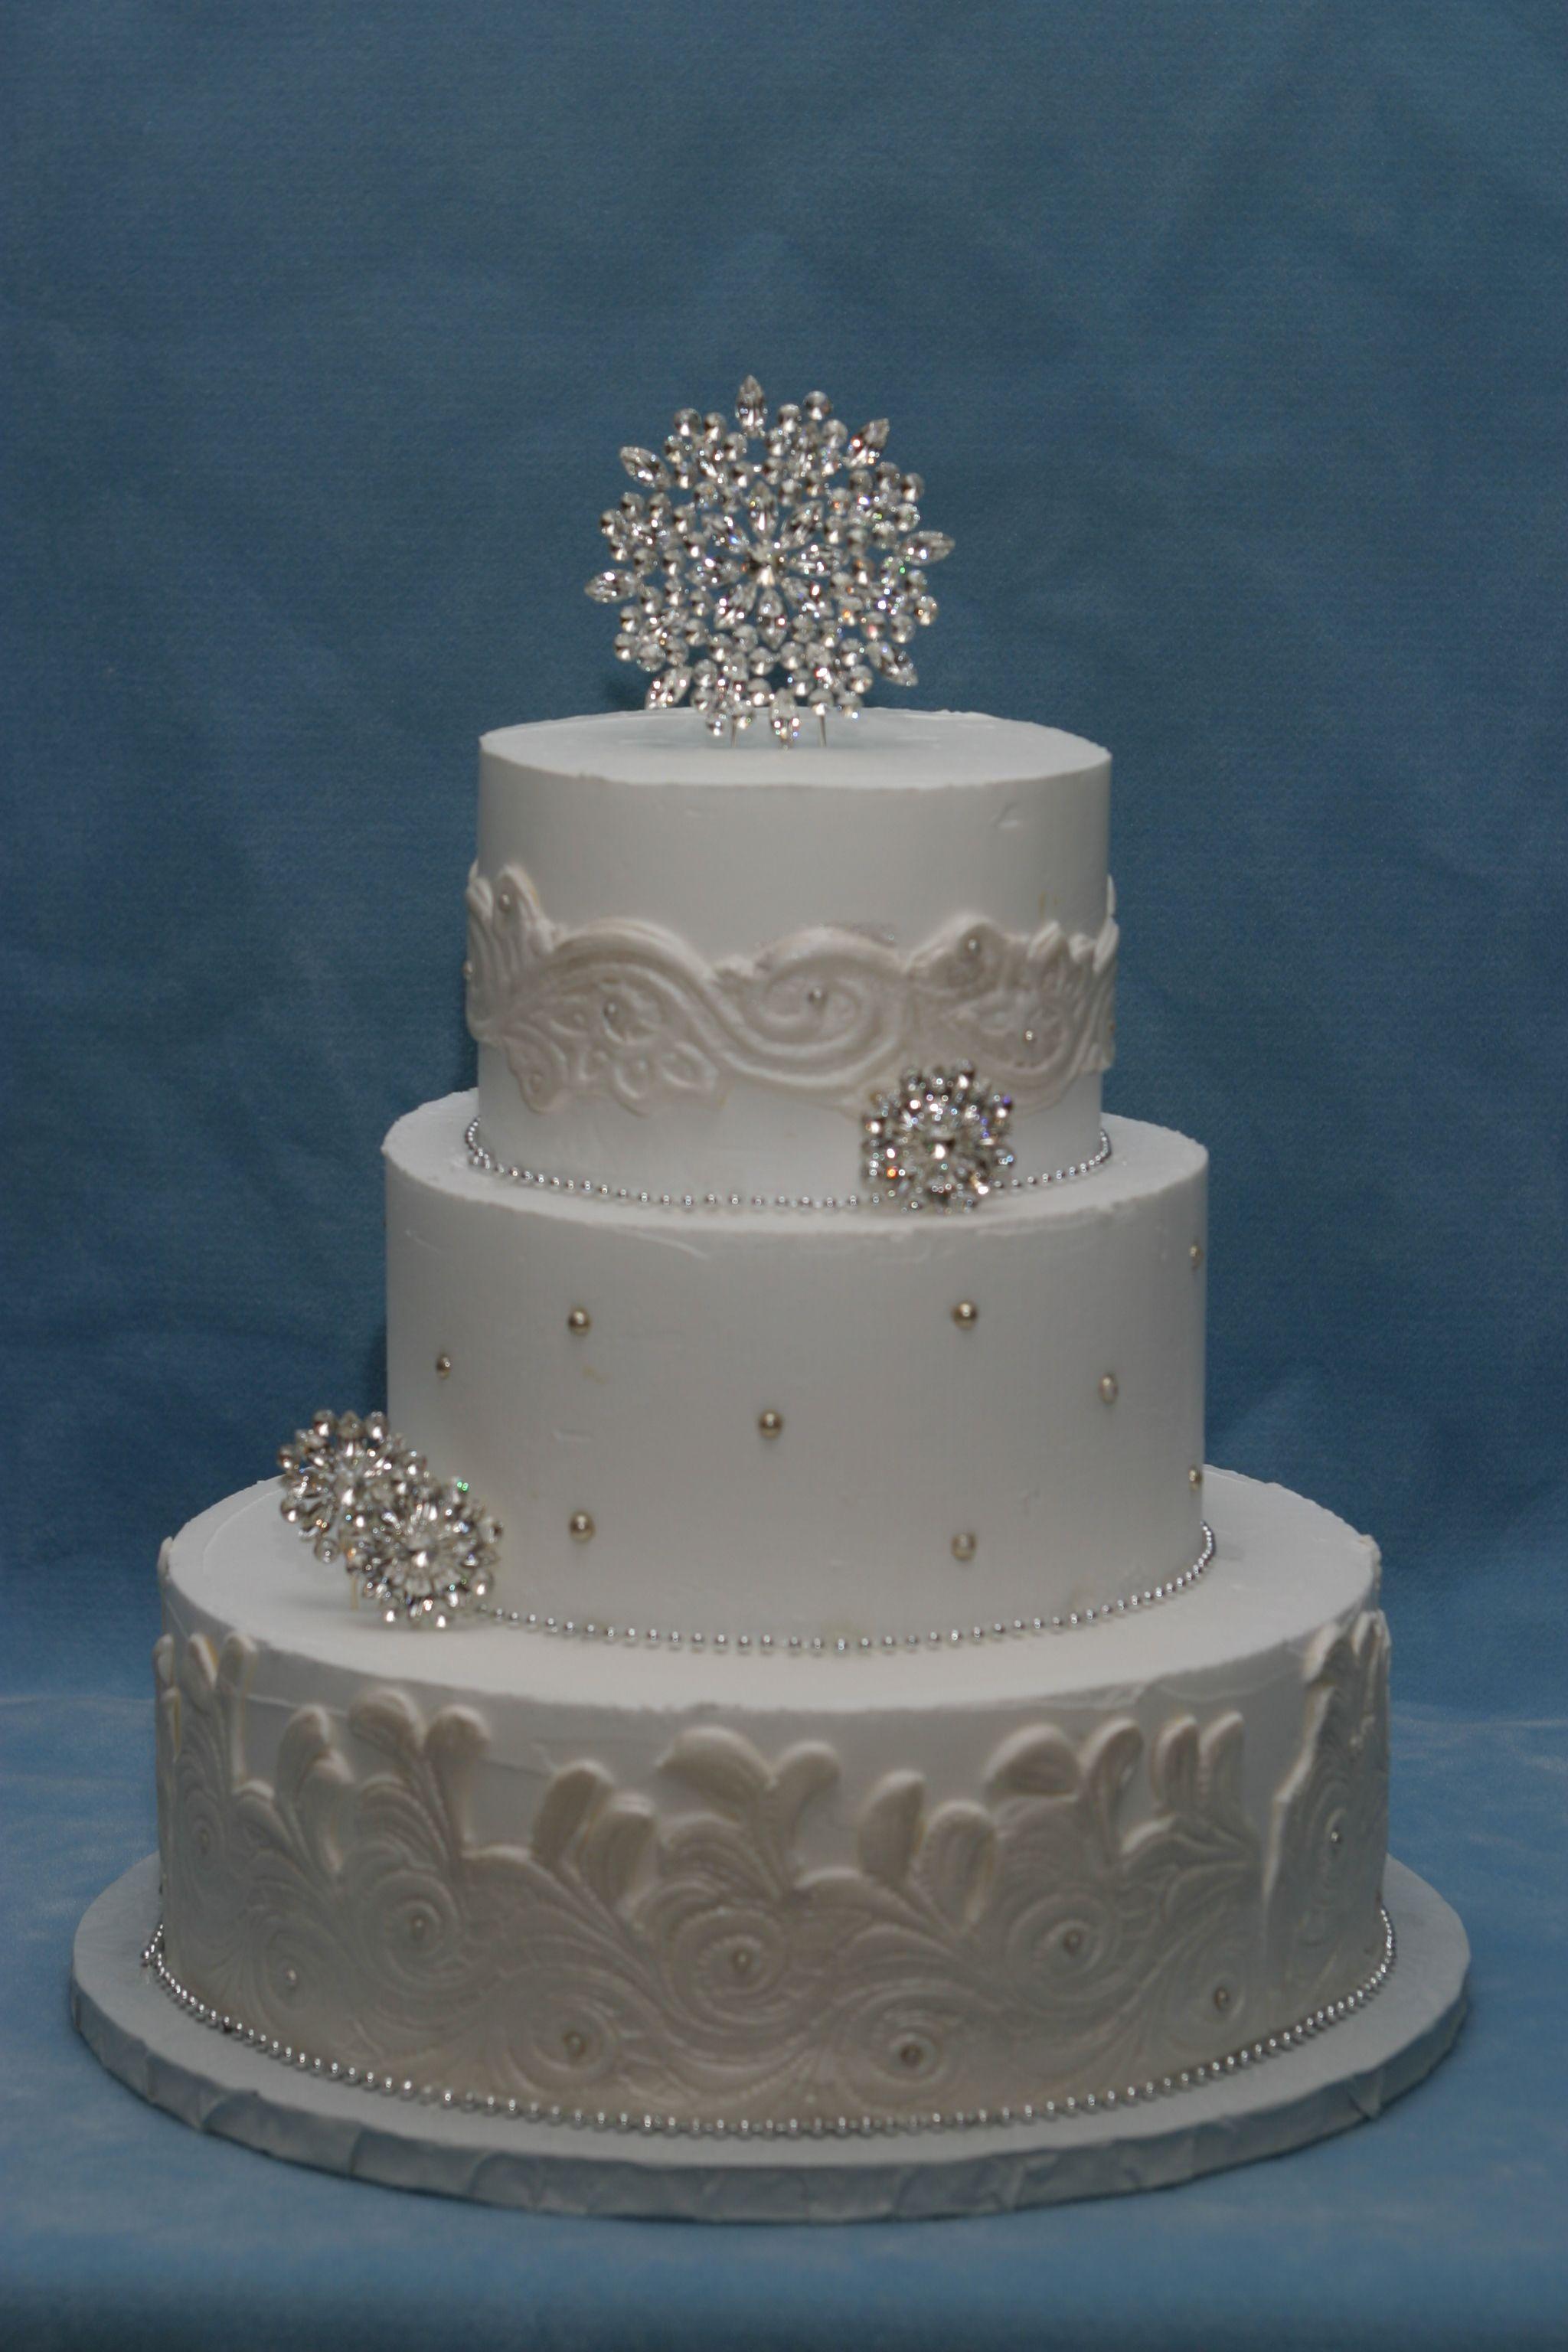 winter wedding cake - do without fondant, use buttercream ...